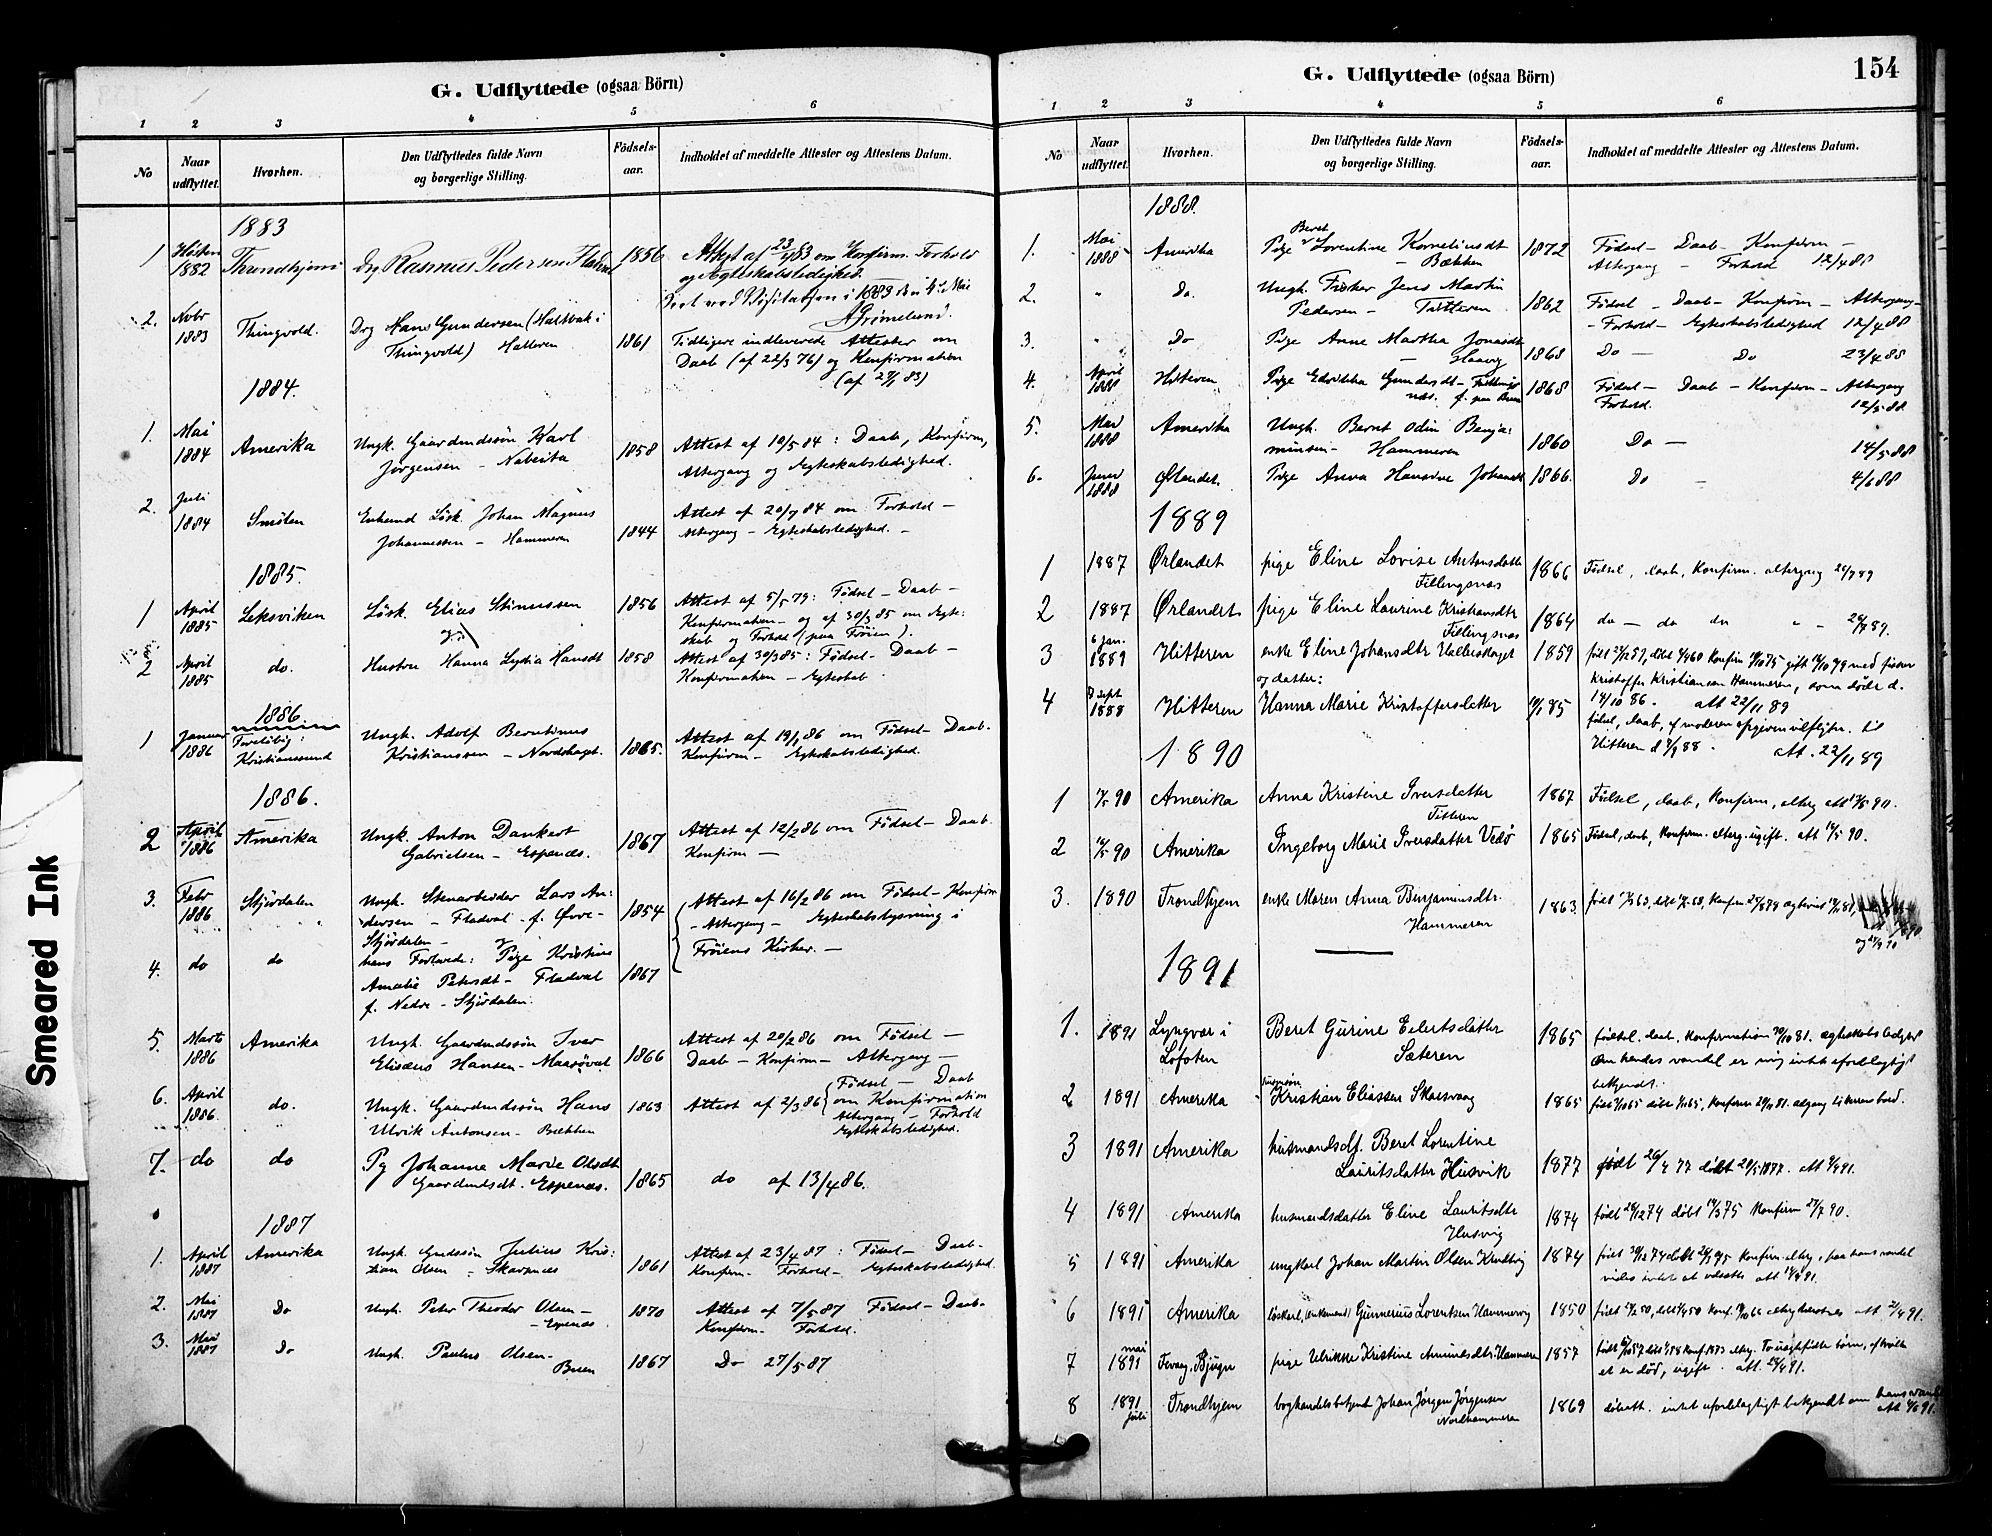 SAT, Ministerialprotokoller, klokkerbøker og fødselsregistre - Sør-Trøndelag, 641/L0595: Ministerialbok nr. 641A01, 1882-1897, s. 154